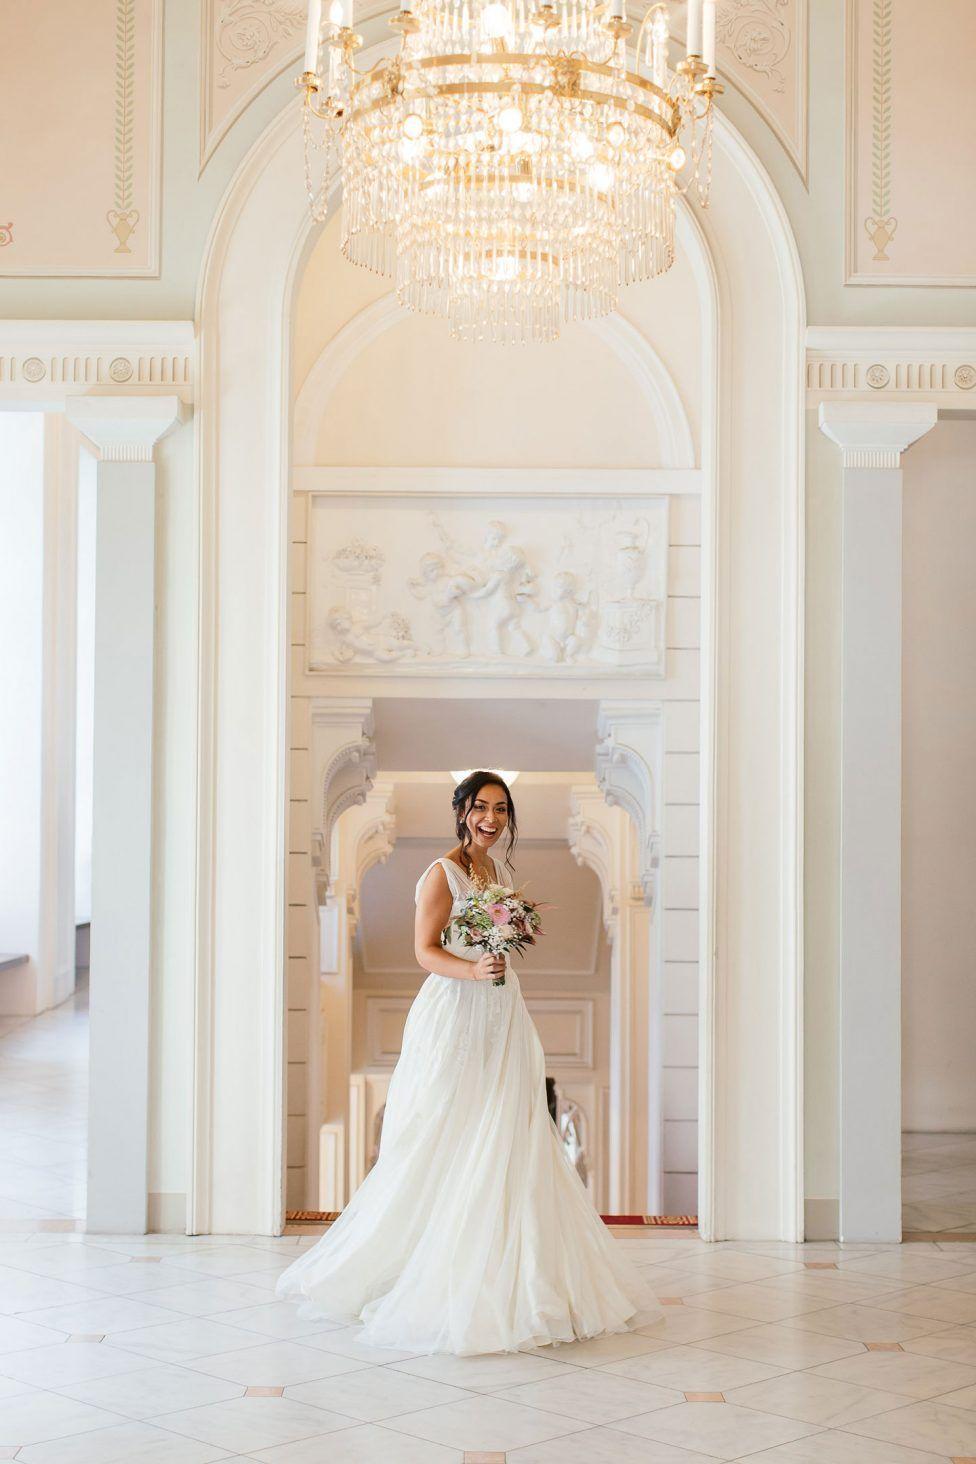 Hochzeit Feiern In Der Albertina Wien In 2020 Hochzeitslocation Wien Hochzeitslocation Prinzessin Hochzeit